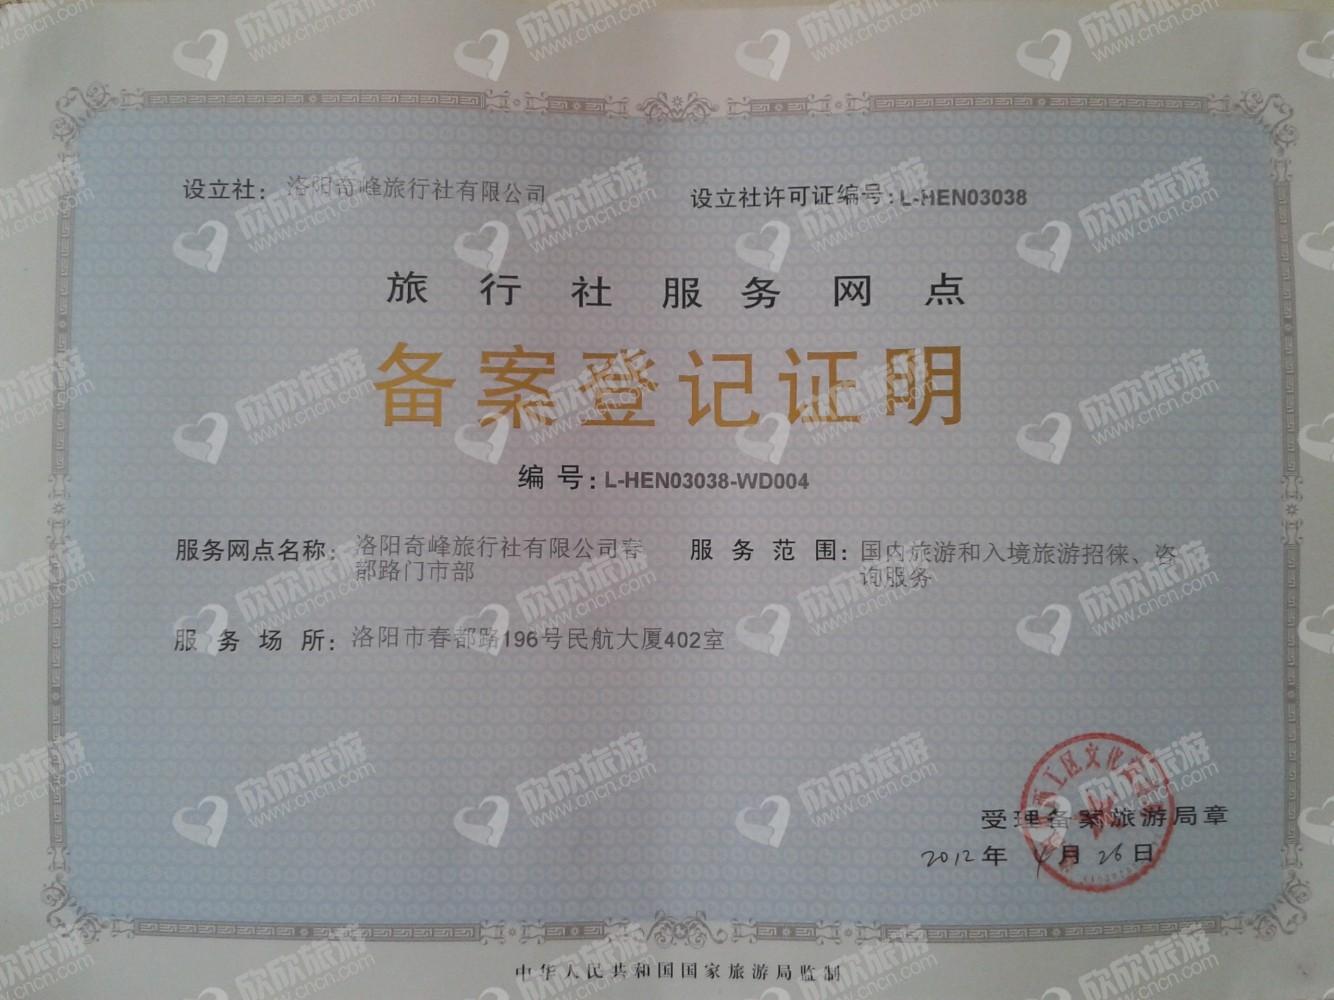 洛阳奇峰旅行社有限公司春都路门市部经营许可证